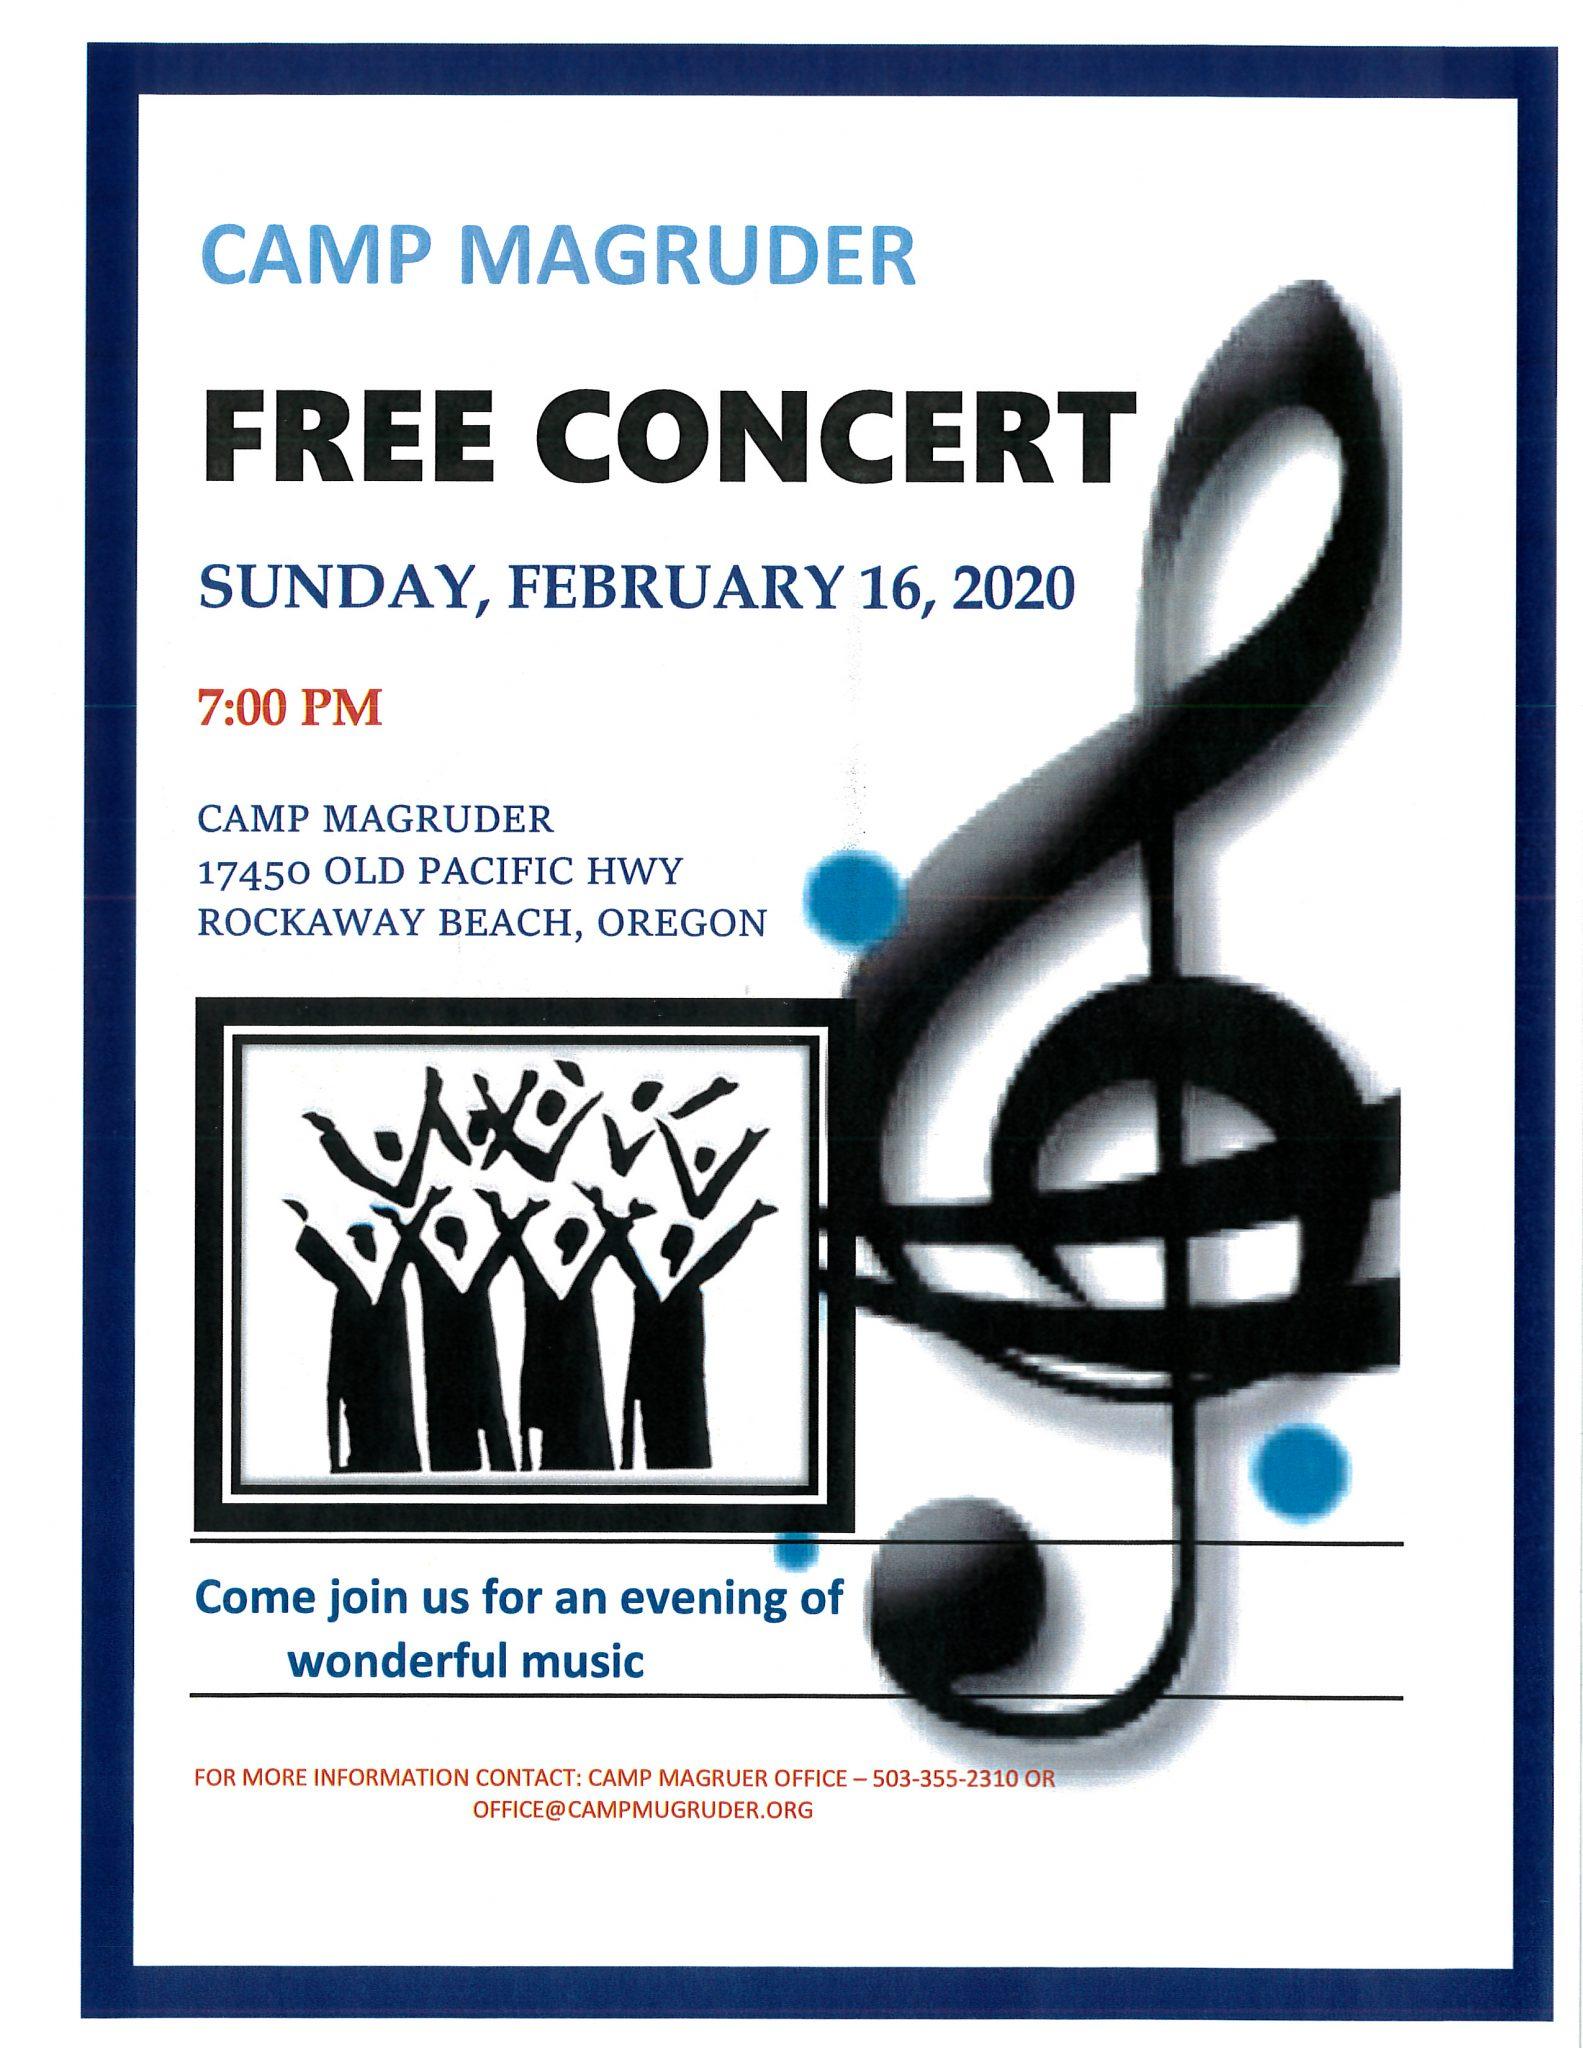 Magruder Free Concert Poster JPEG